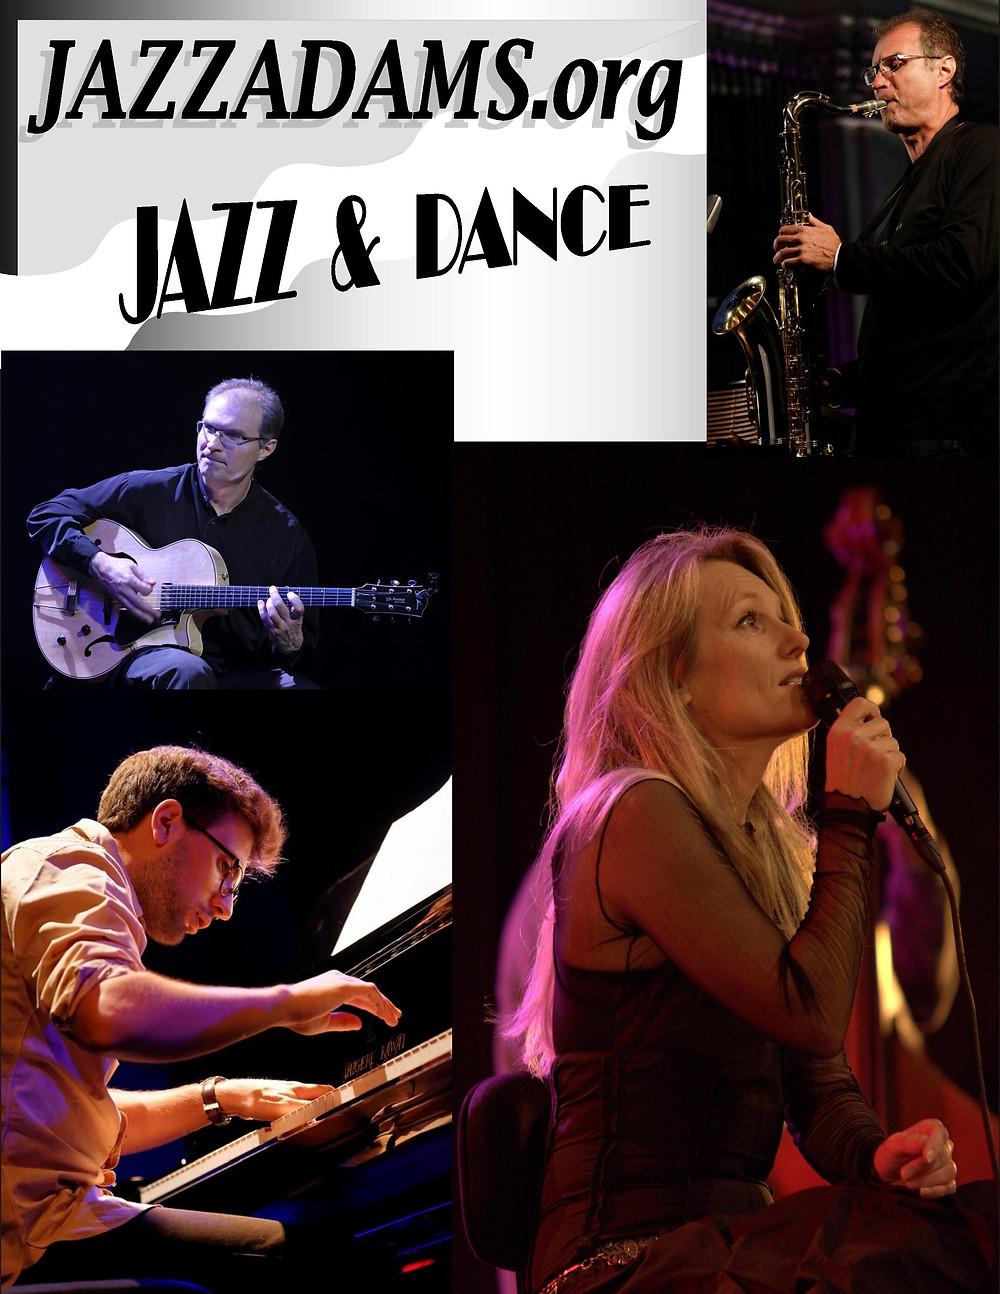 Jazzadams.org